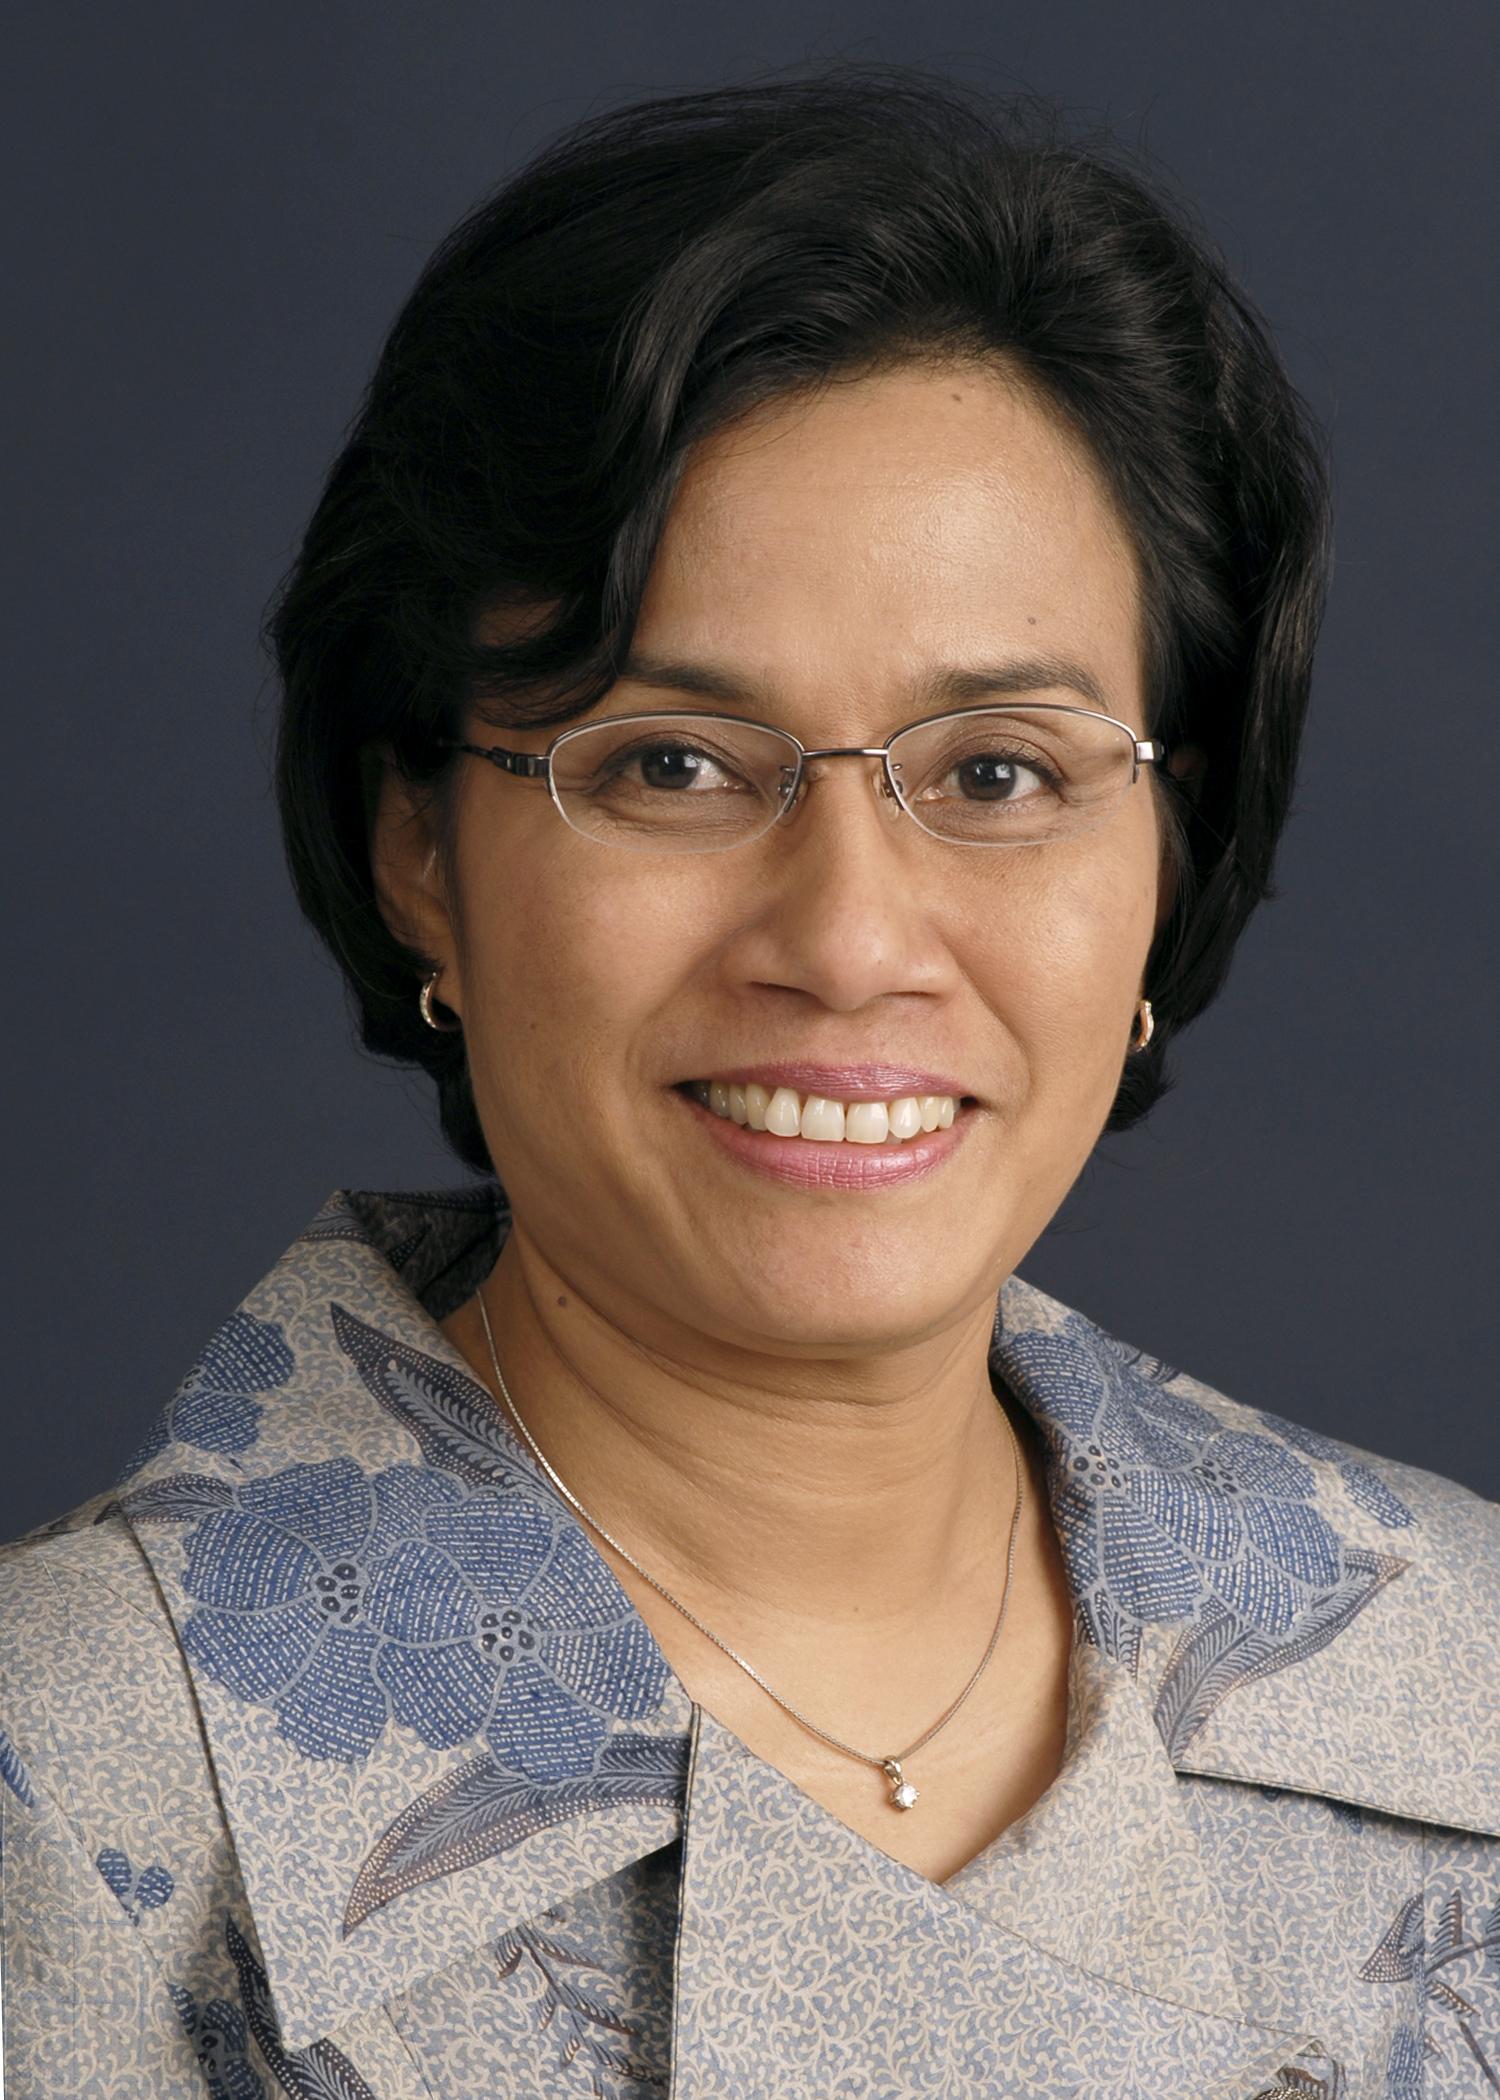 Photo of Sri Mulyani Indrawati